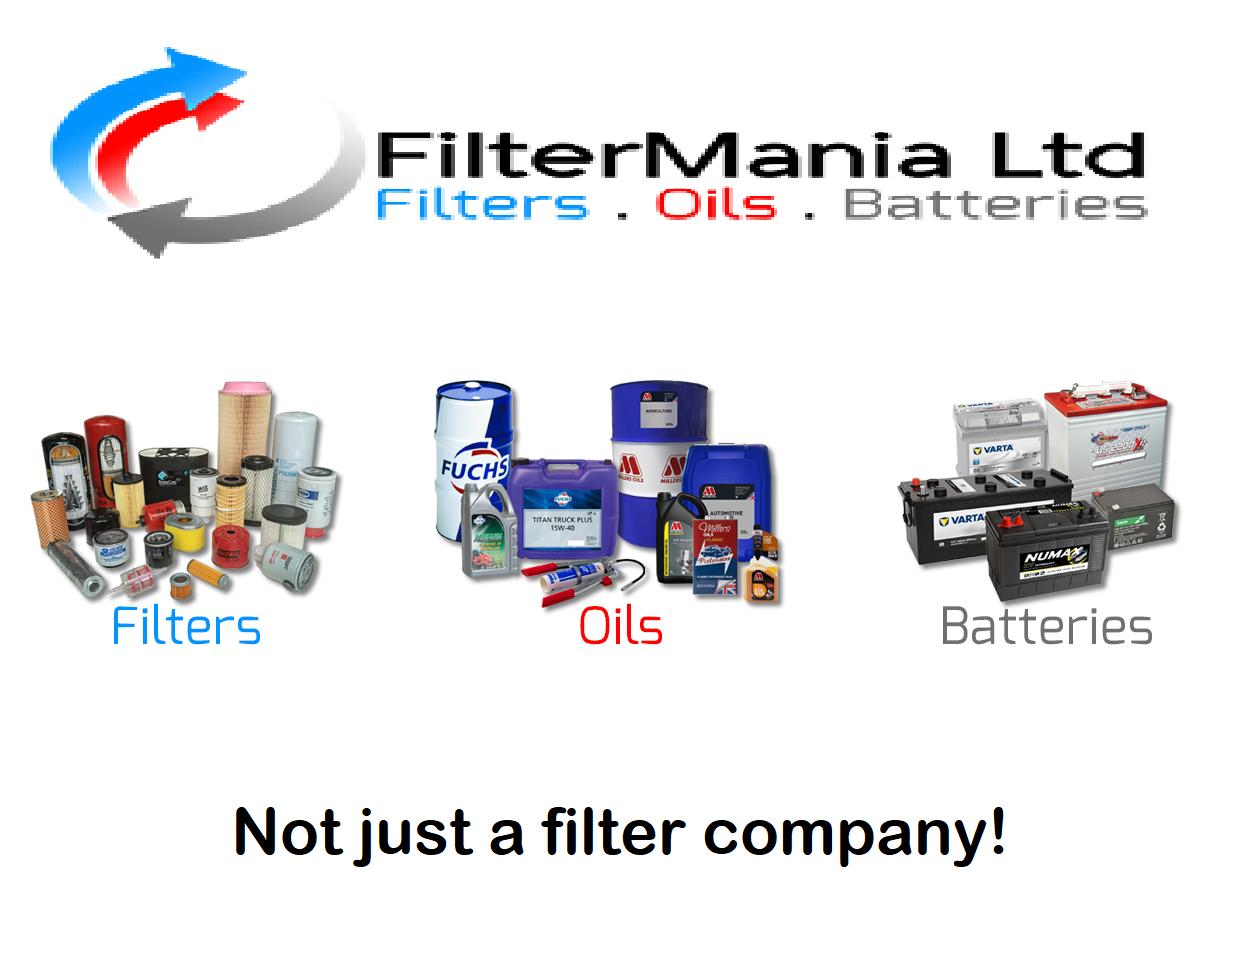 FilterMania